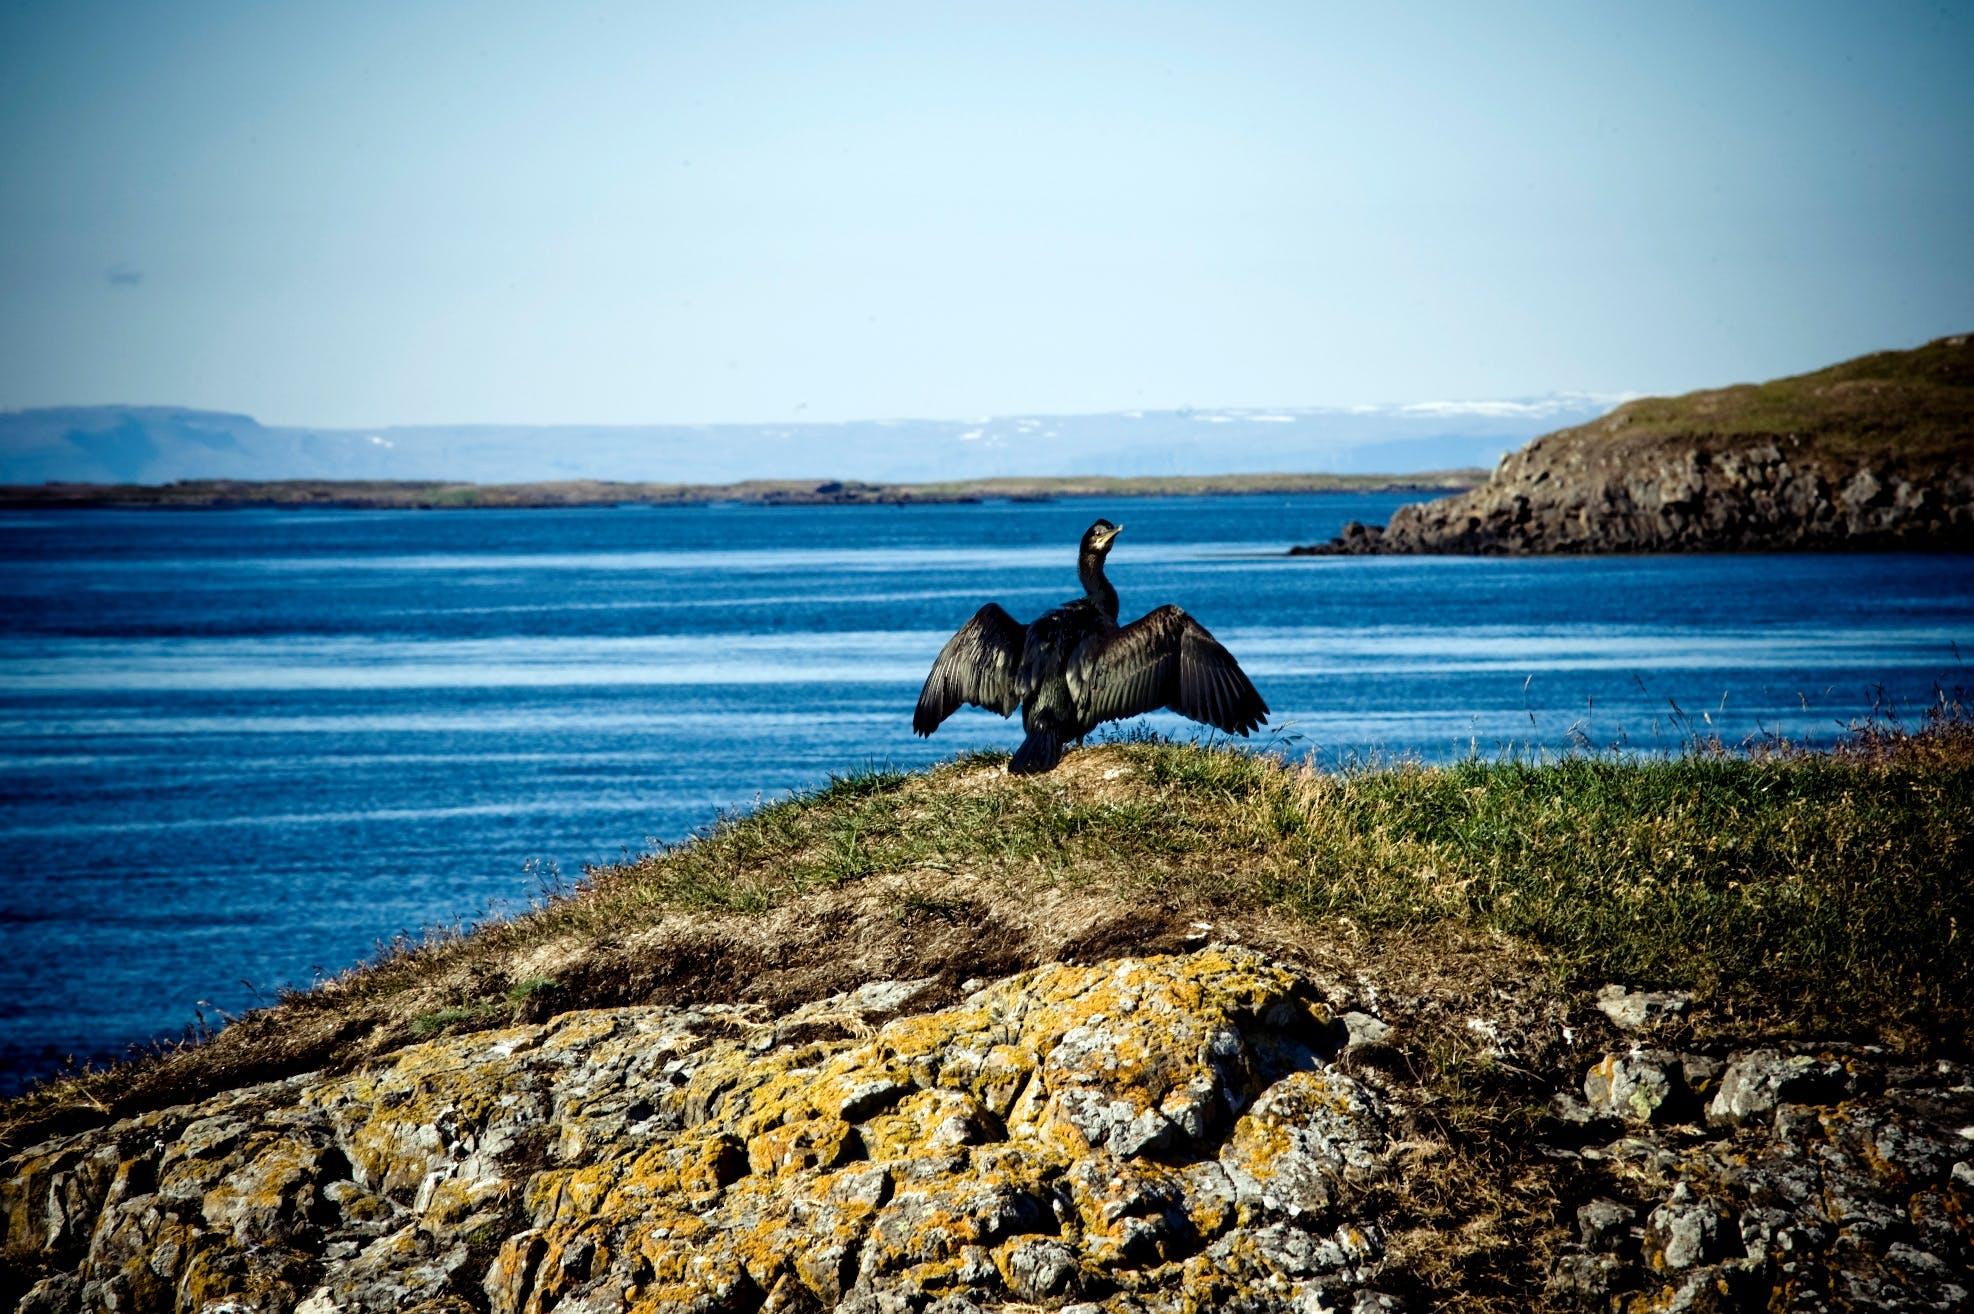 The many islands of Breiðafjörður bay are home to seabirds.